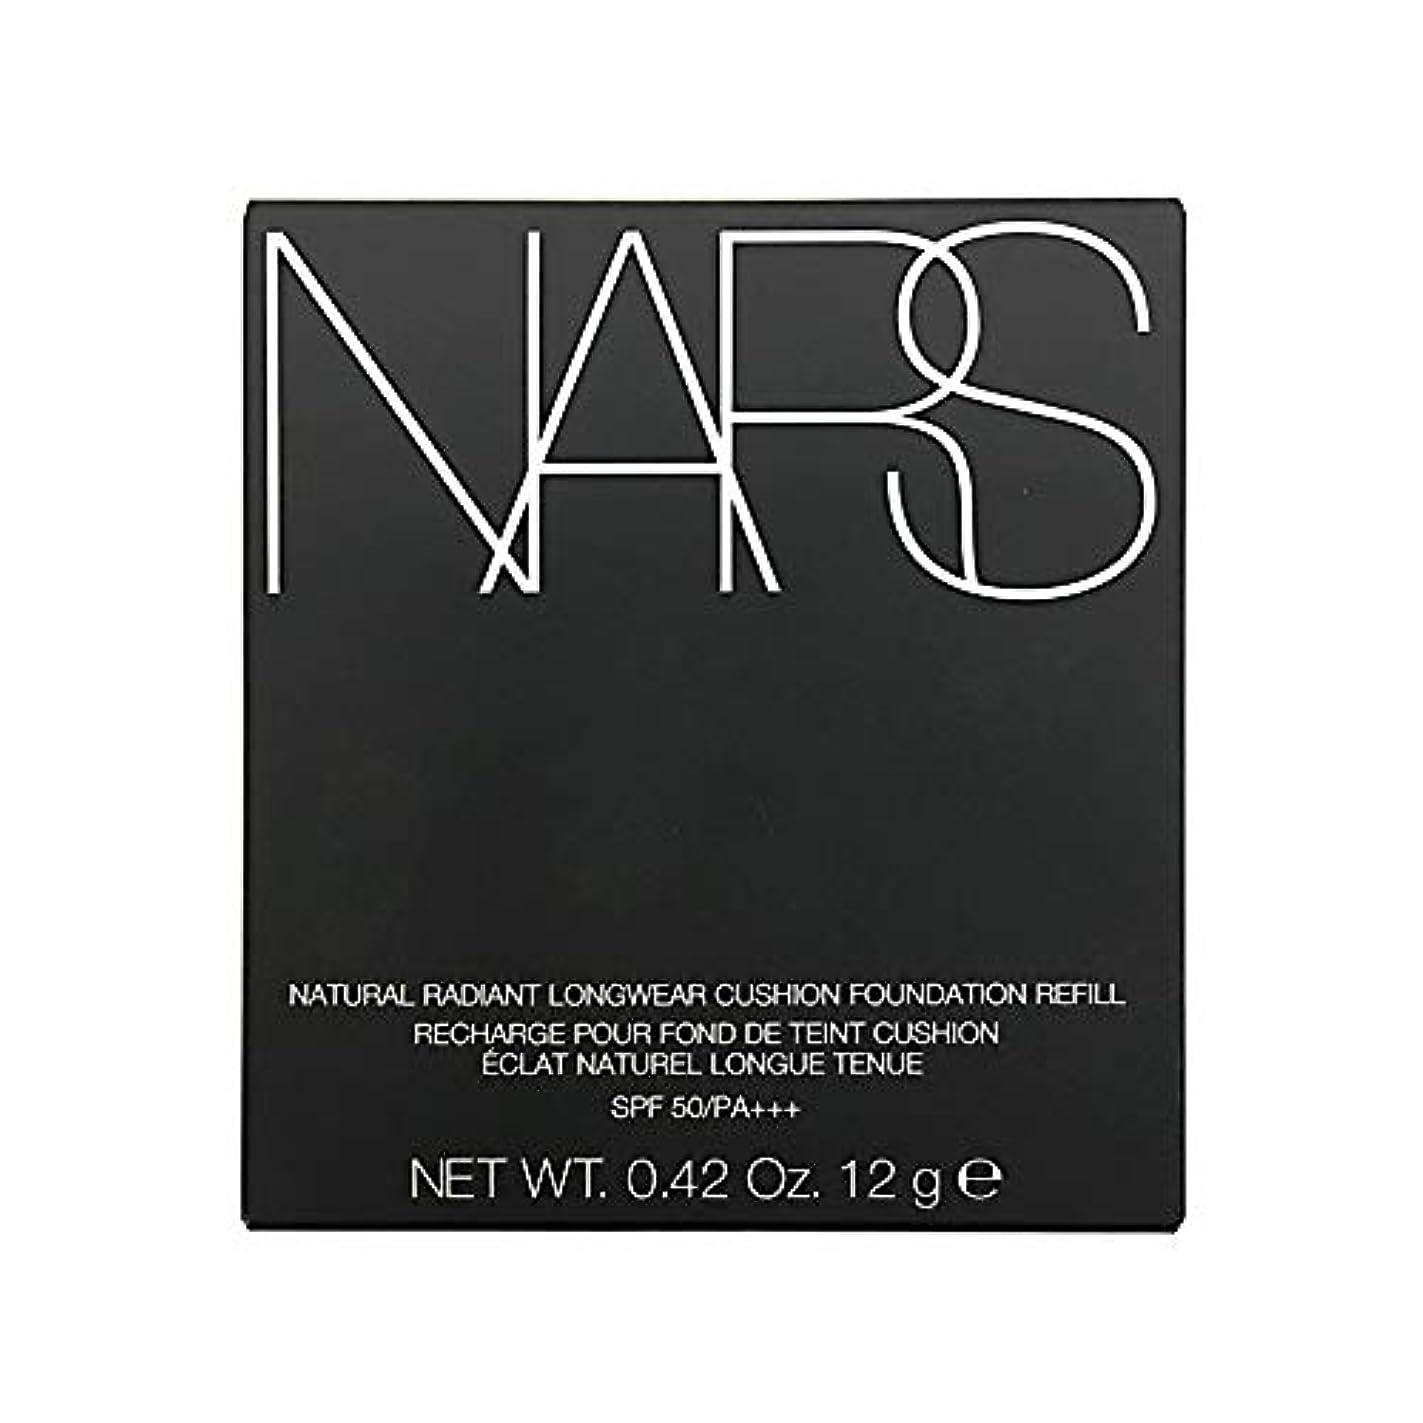 追い越す同化する破壊ナーズ/NARS ナチュラルラディアント ロングウェア クッションファンデーション(レフィル)#5880[ クッションファンデ ] [並行輸入品]